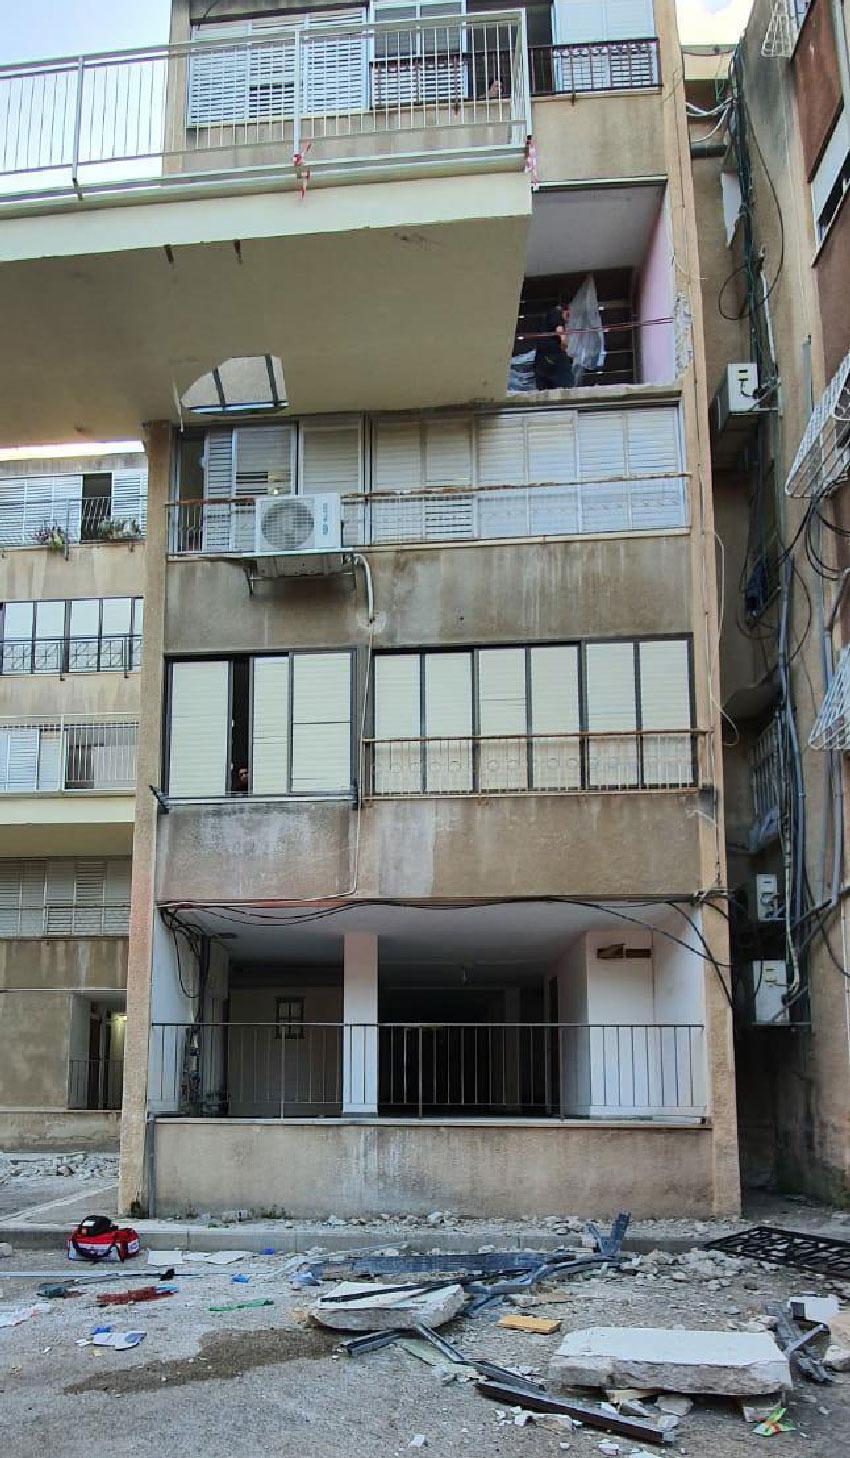 המרפסת שממנה נפלה האשה (צילום: דוברות איחוד הצלה)